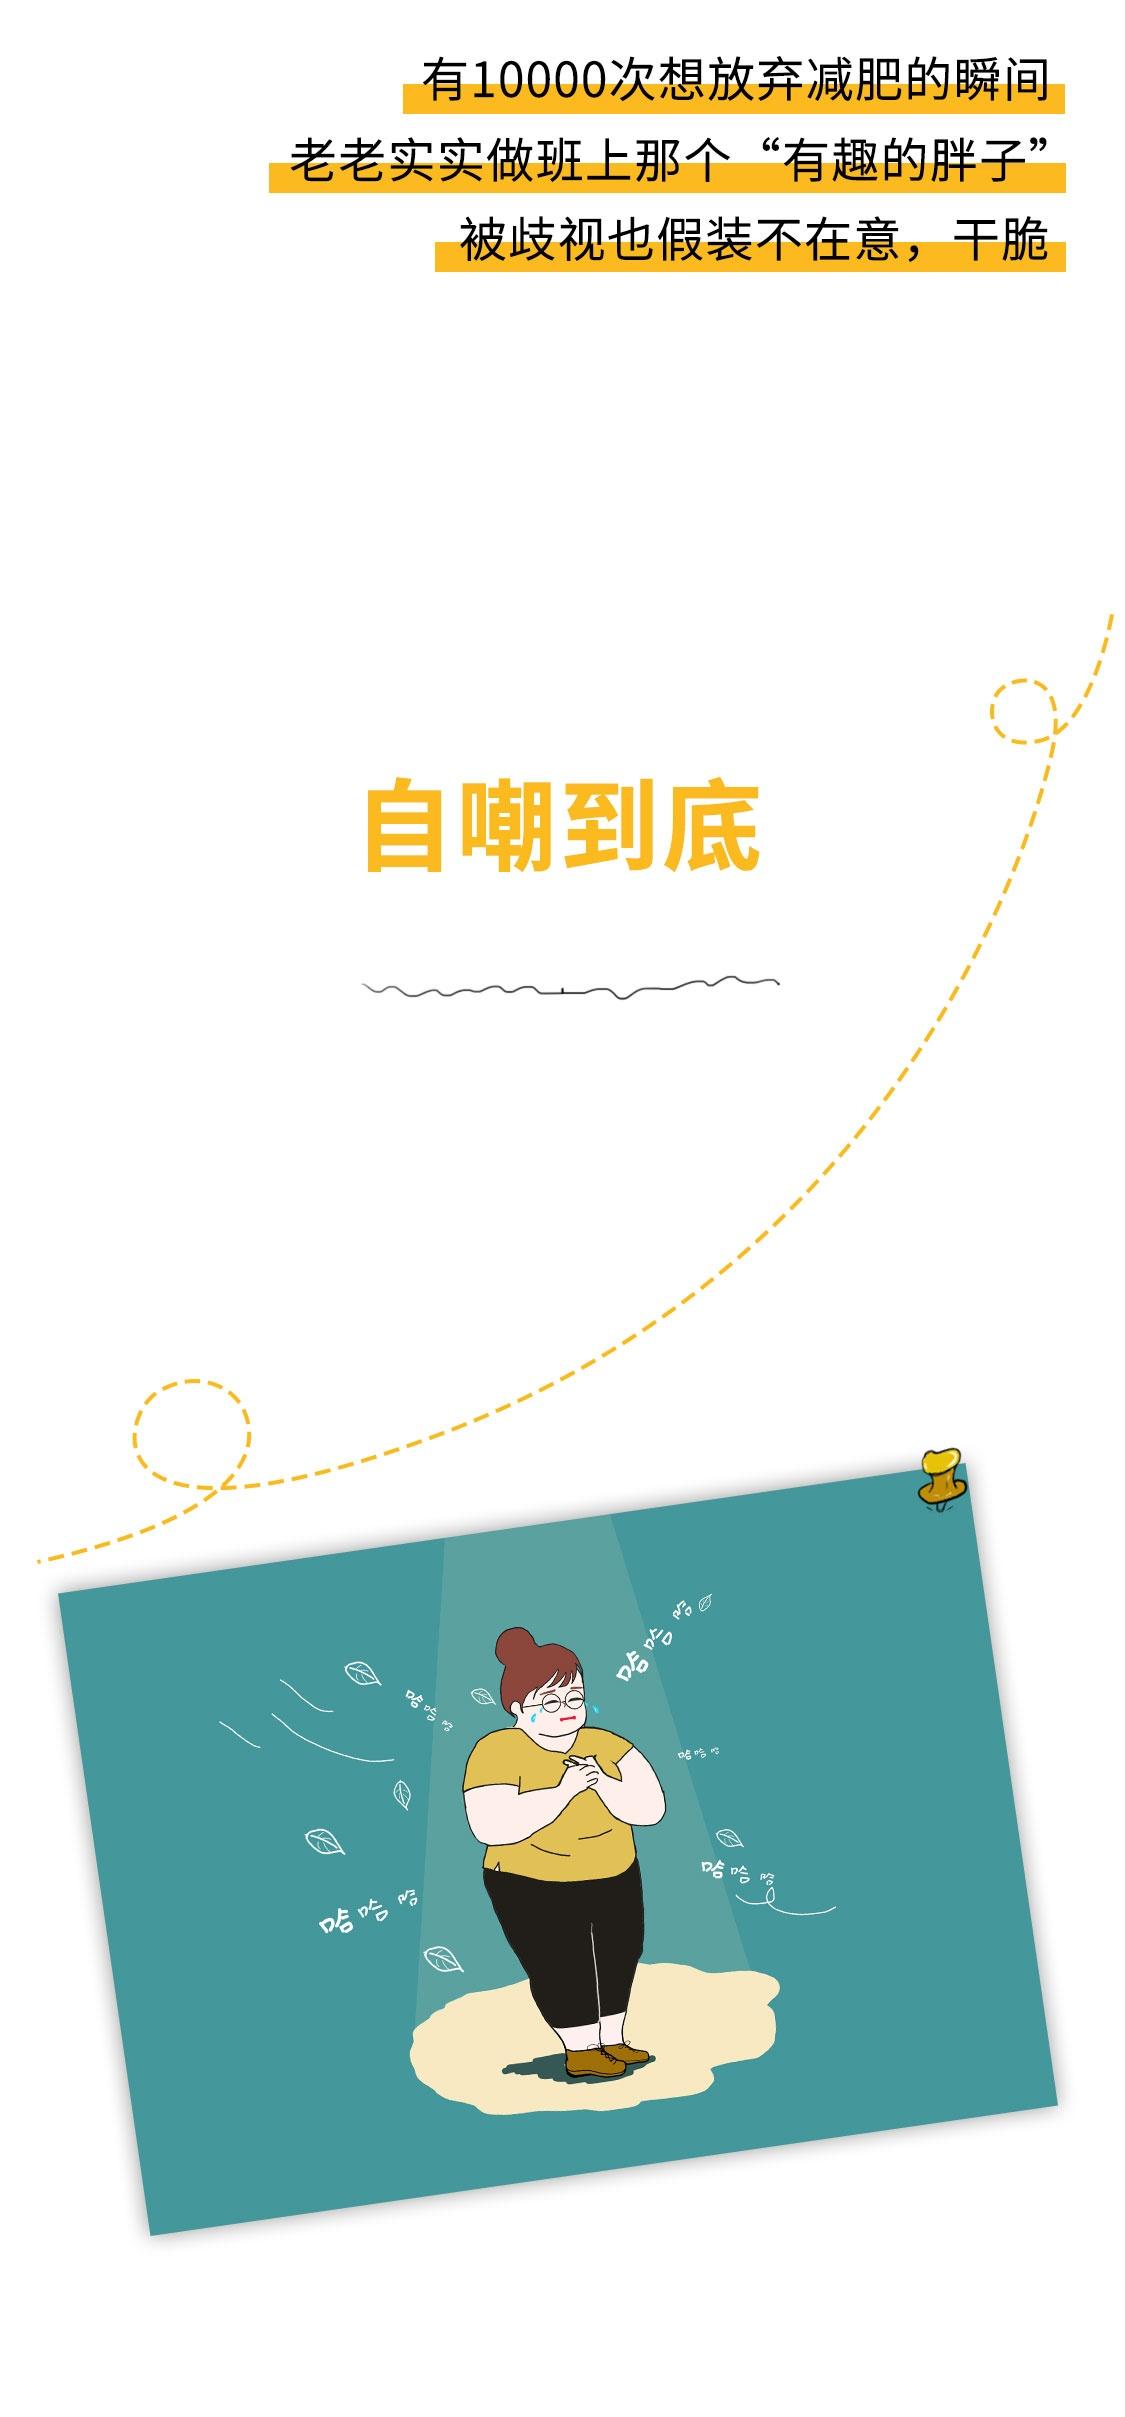 备份减肥_03.jpg